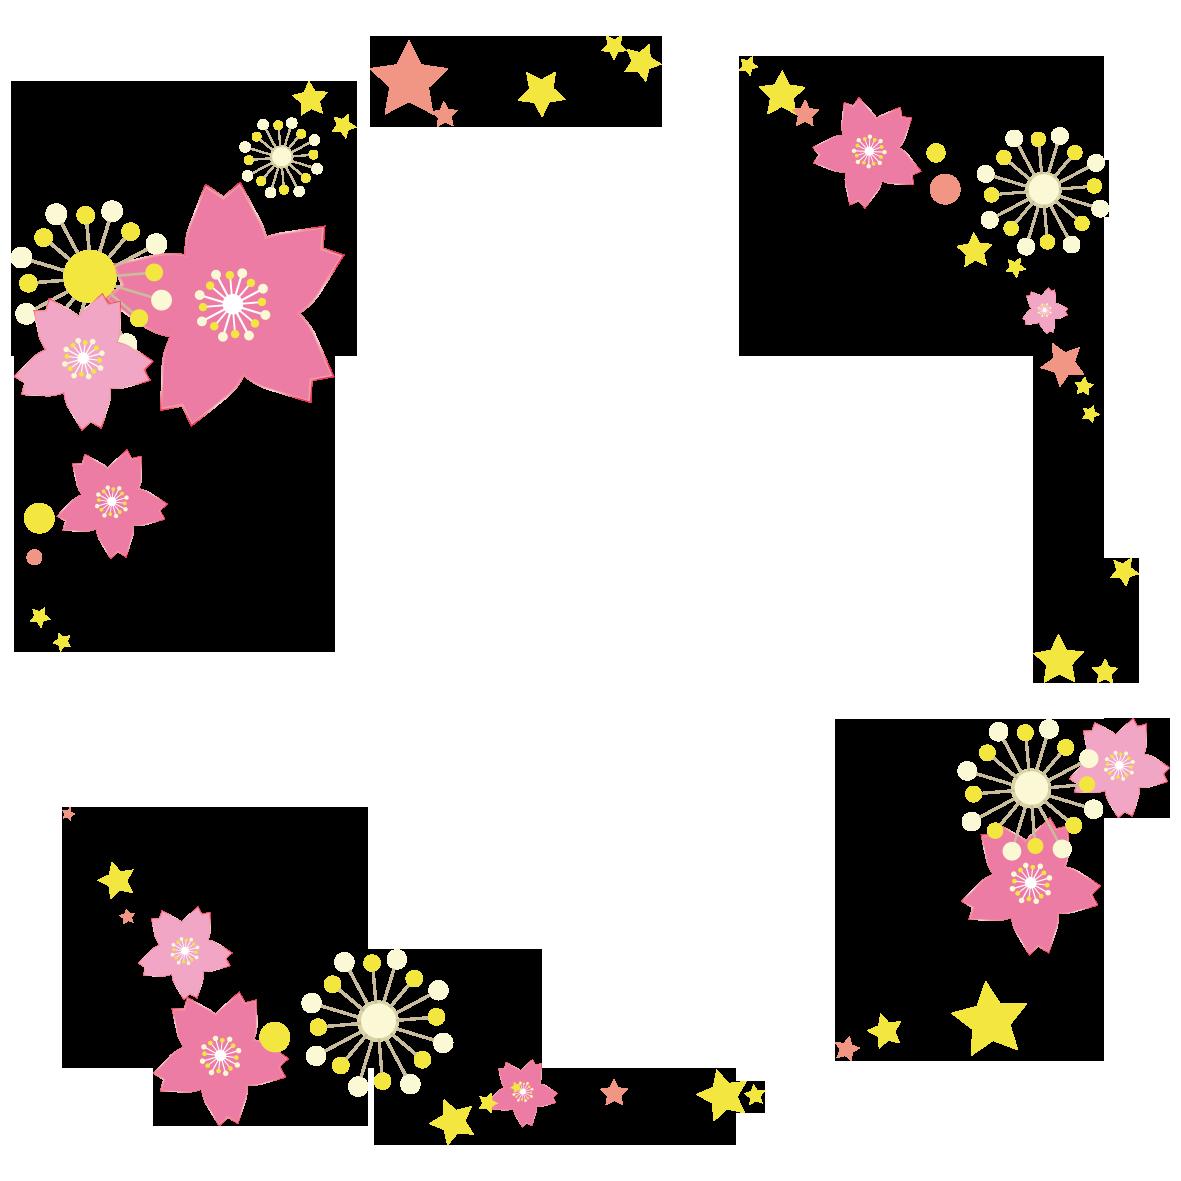 桜のサークルフレーム」 - 無料イラスト愛